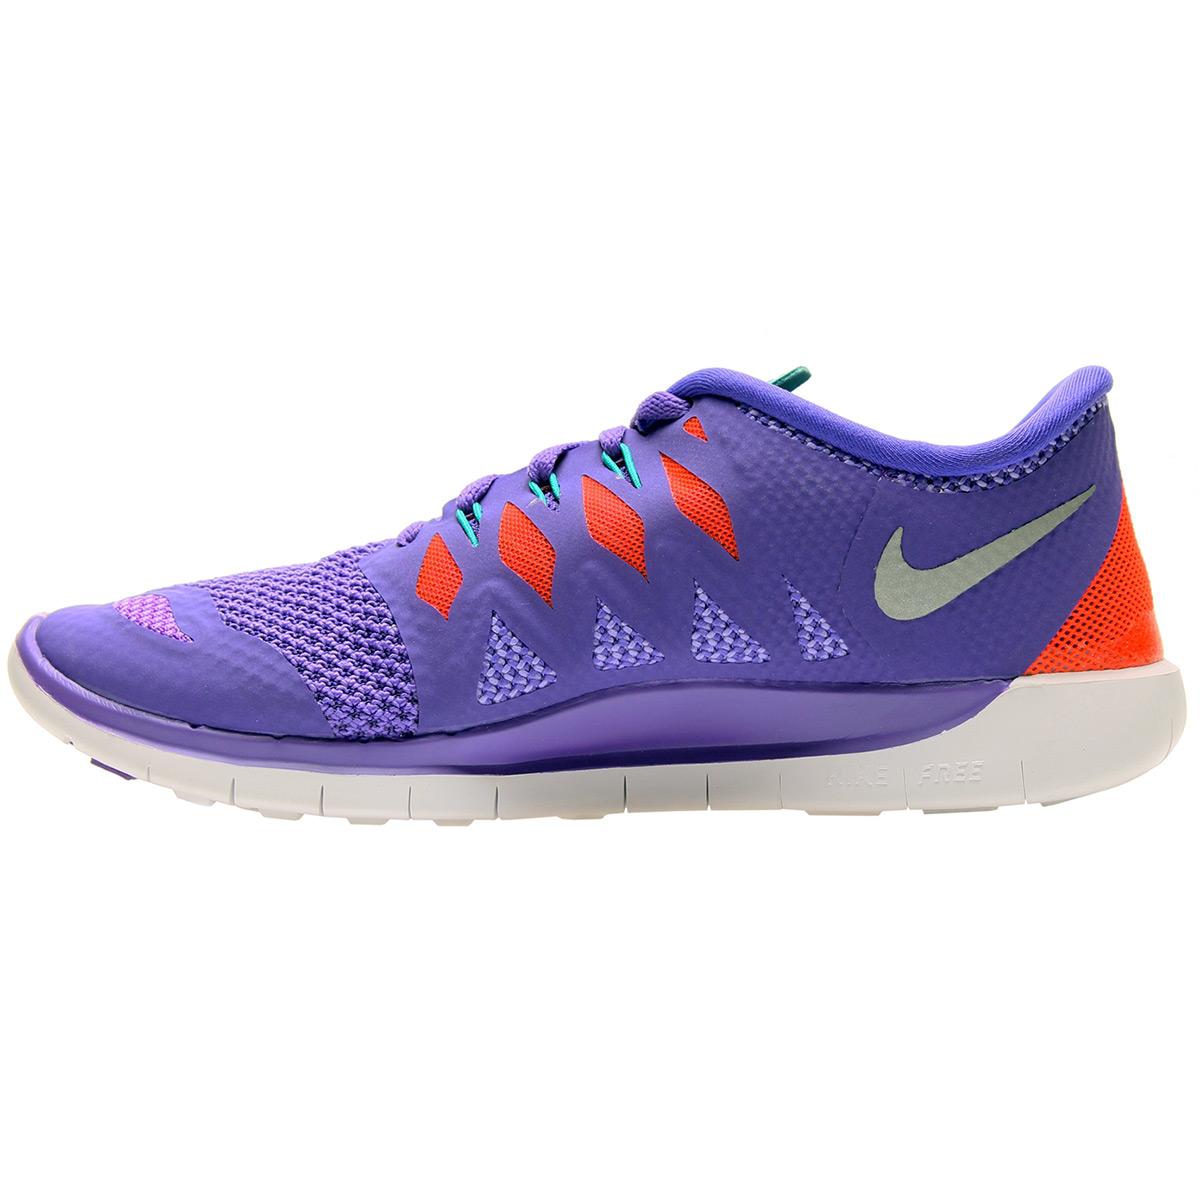 Nike FREE 5.0 V2 morado